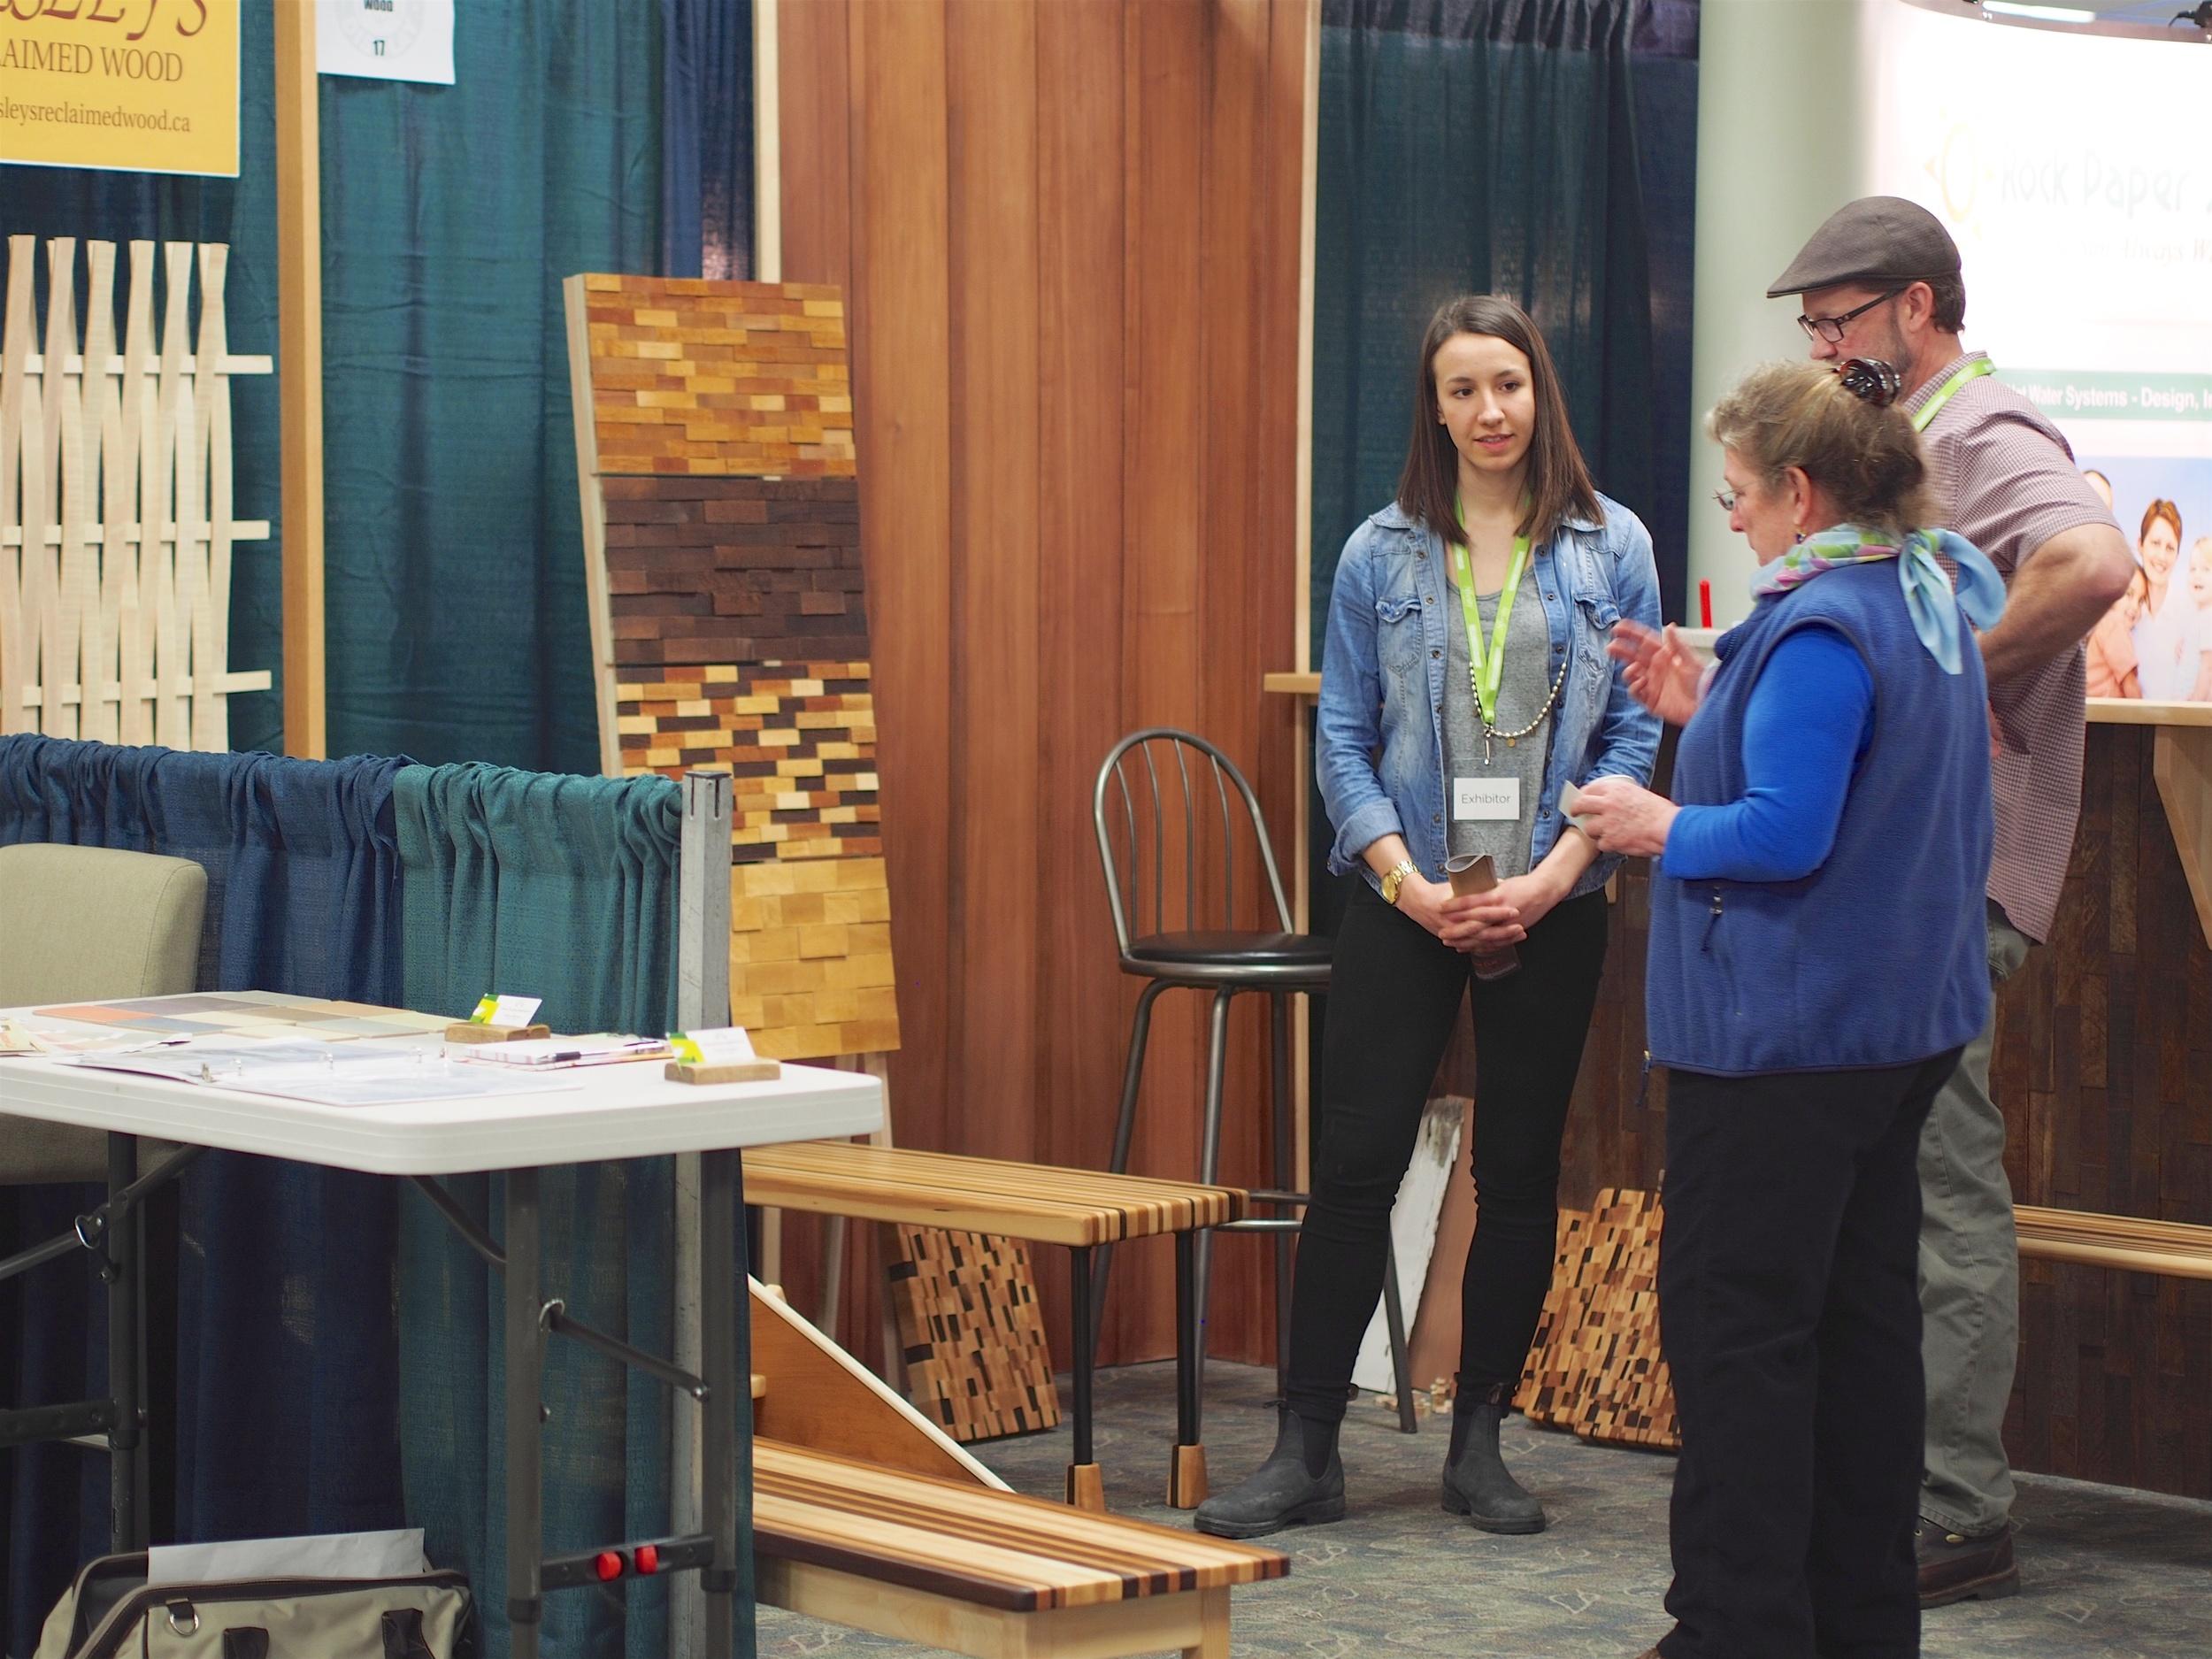 wesley's wood.jpg